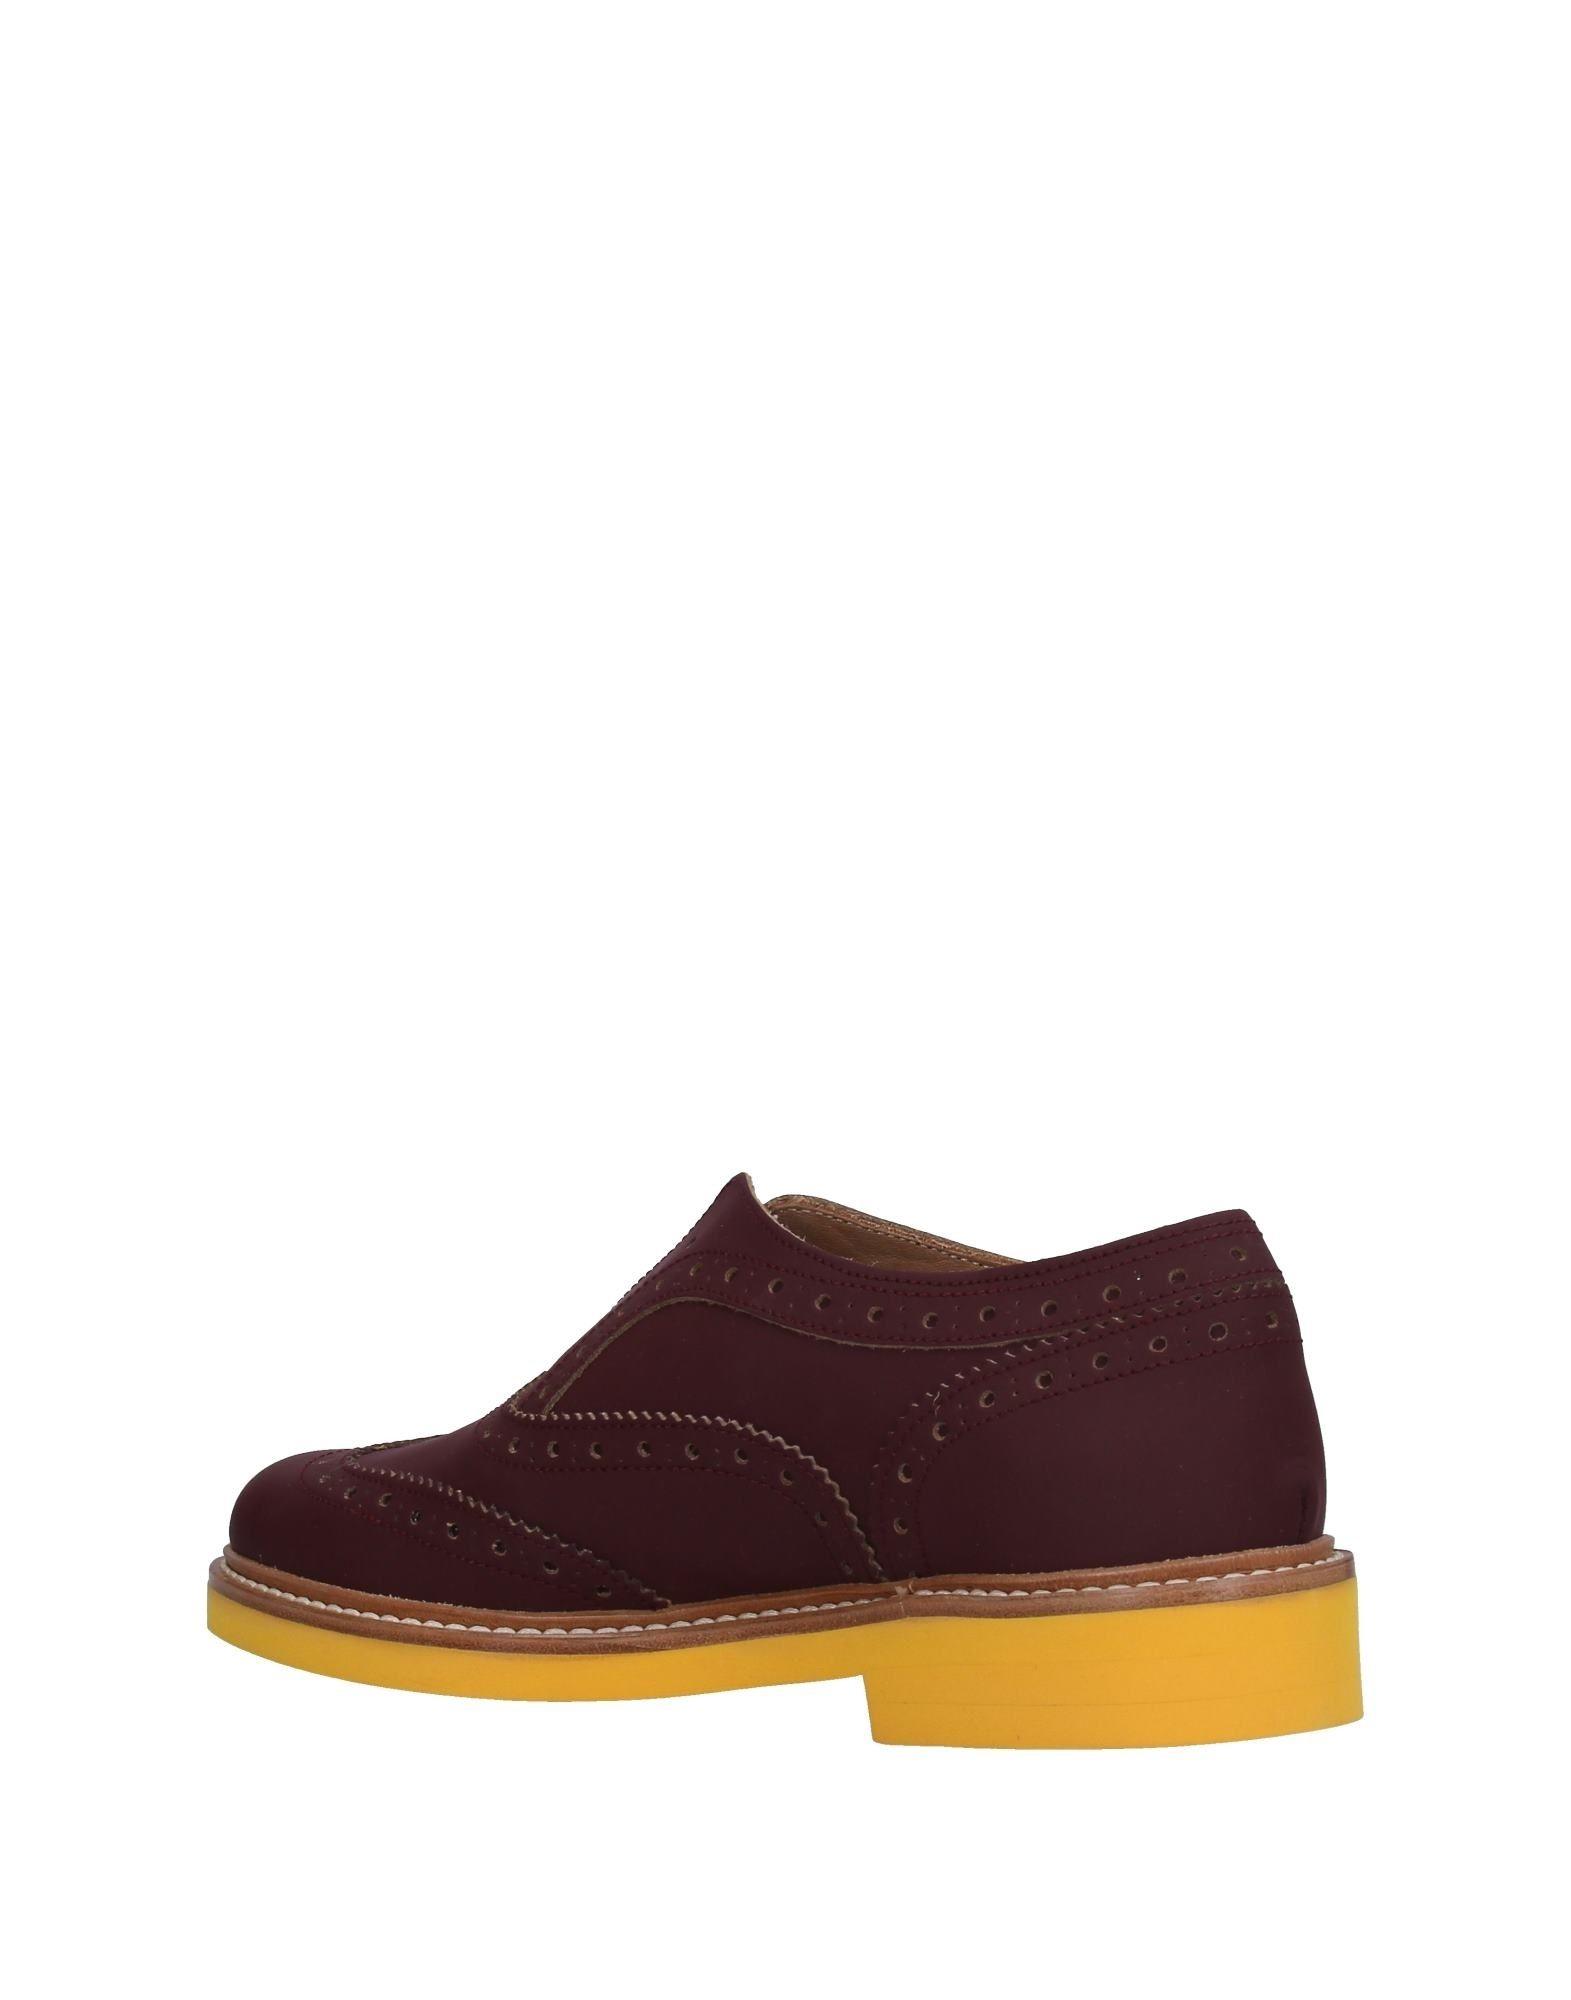 L'f Shoes Mokassins Damen  11324836RC Gute Qualität beliebte Schuhe